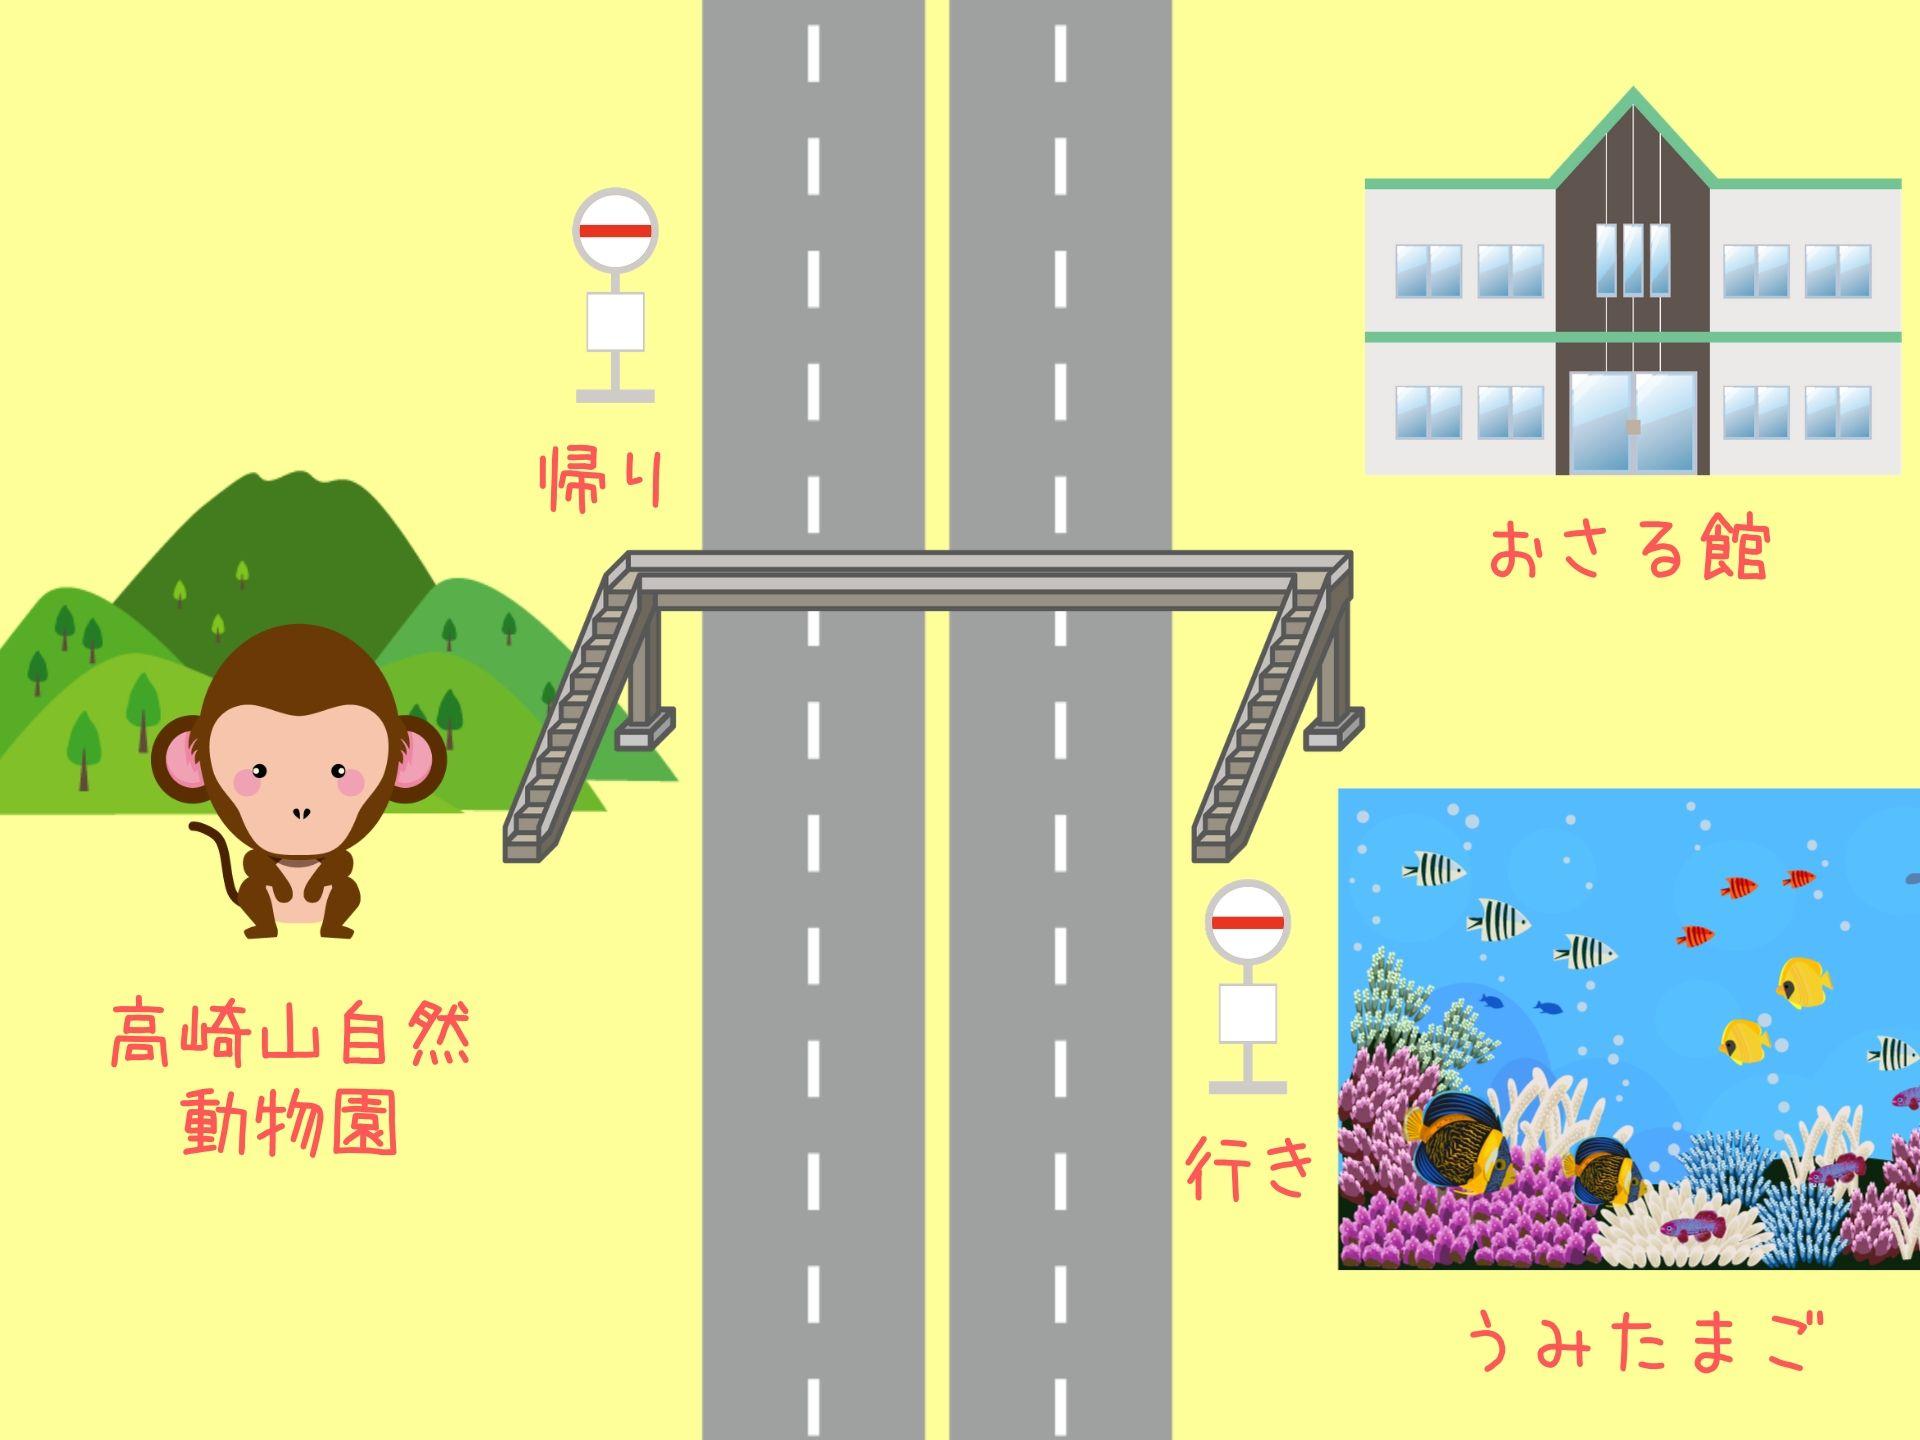 高崎山自然動物園とうみたまごのどちらを先に行くか